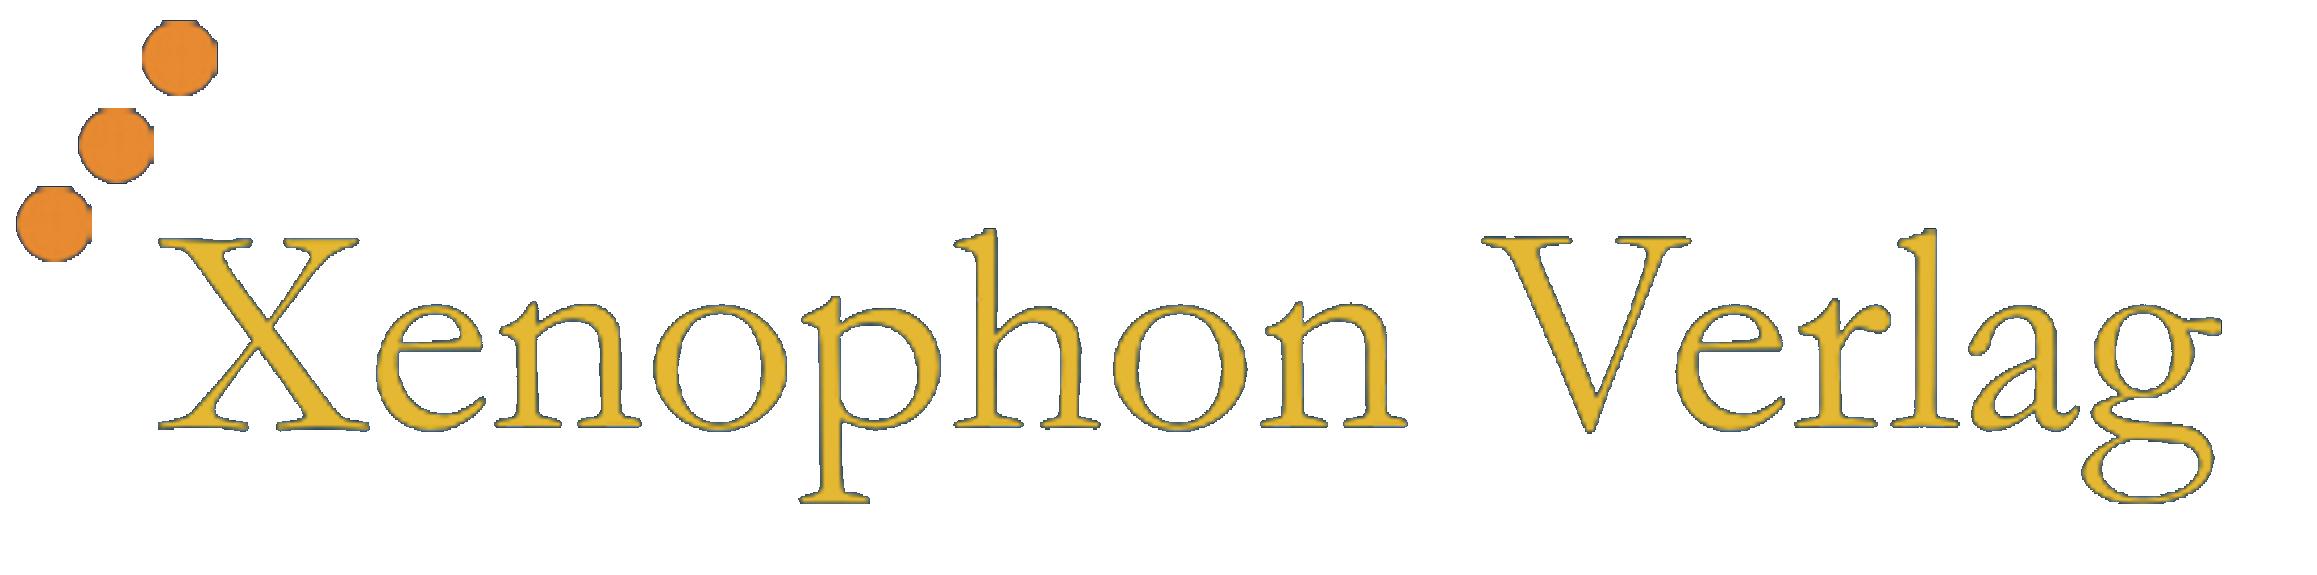 Xenophon Verlag e. K.